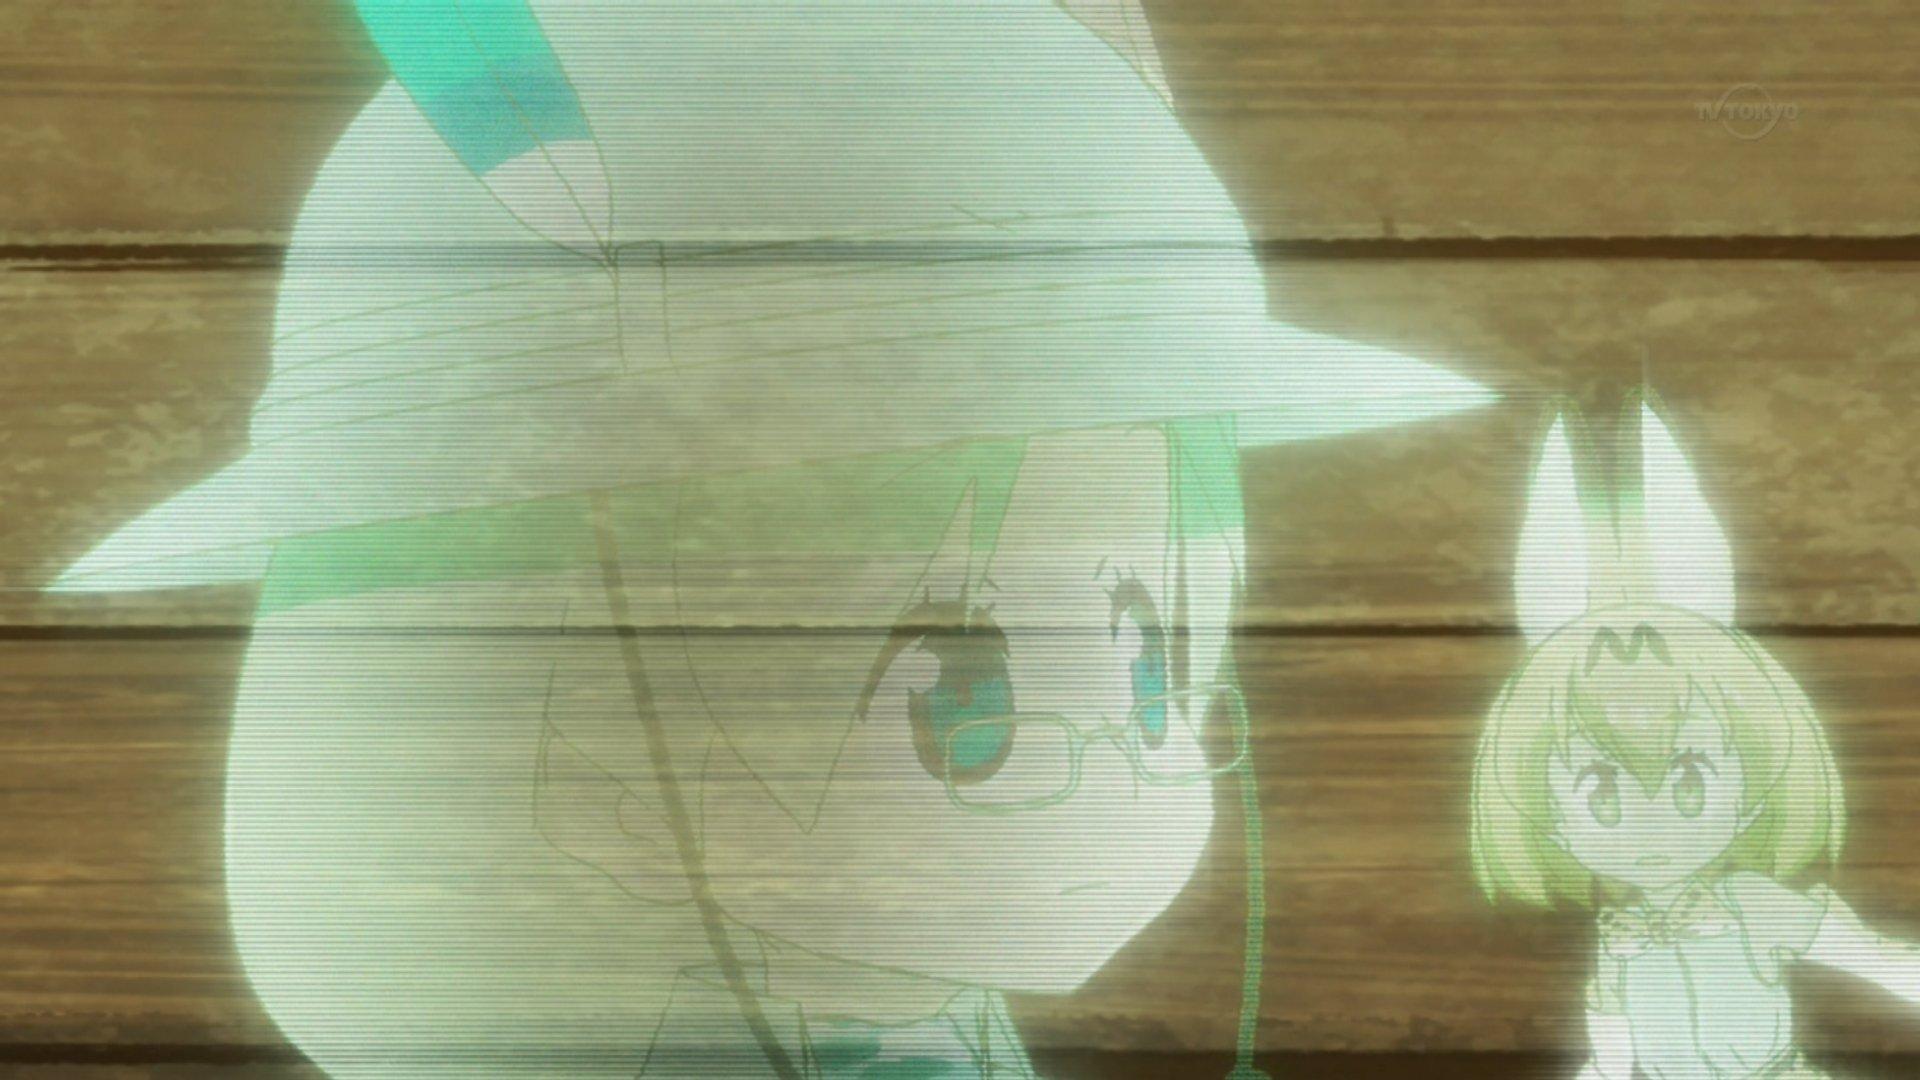 Σ(゚д゚ )ゲーム版サーバル! #けものフレンズ #けもフレ #kemo_anime #tvtokyo https://t.co/zMrMT9q3Gn